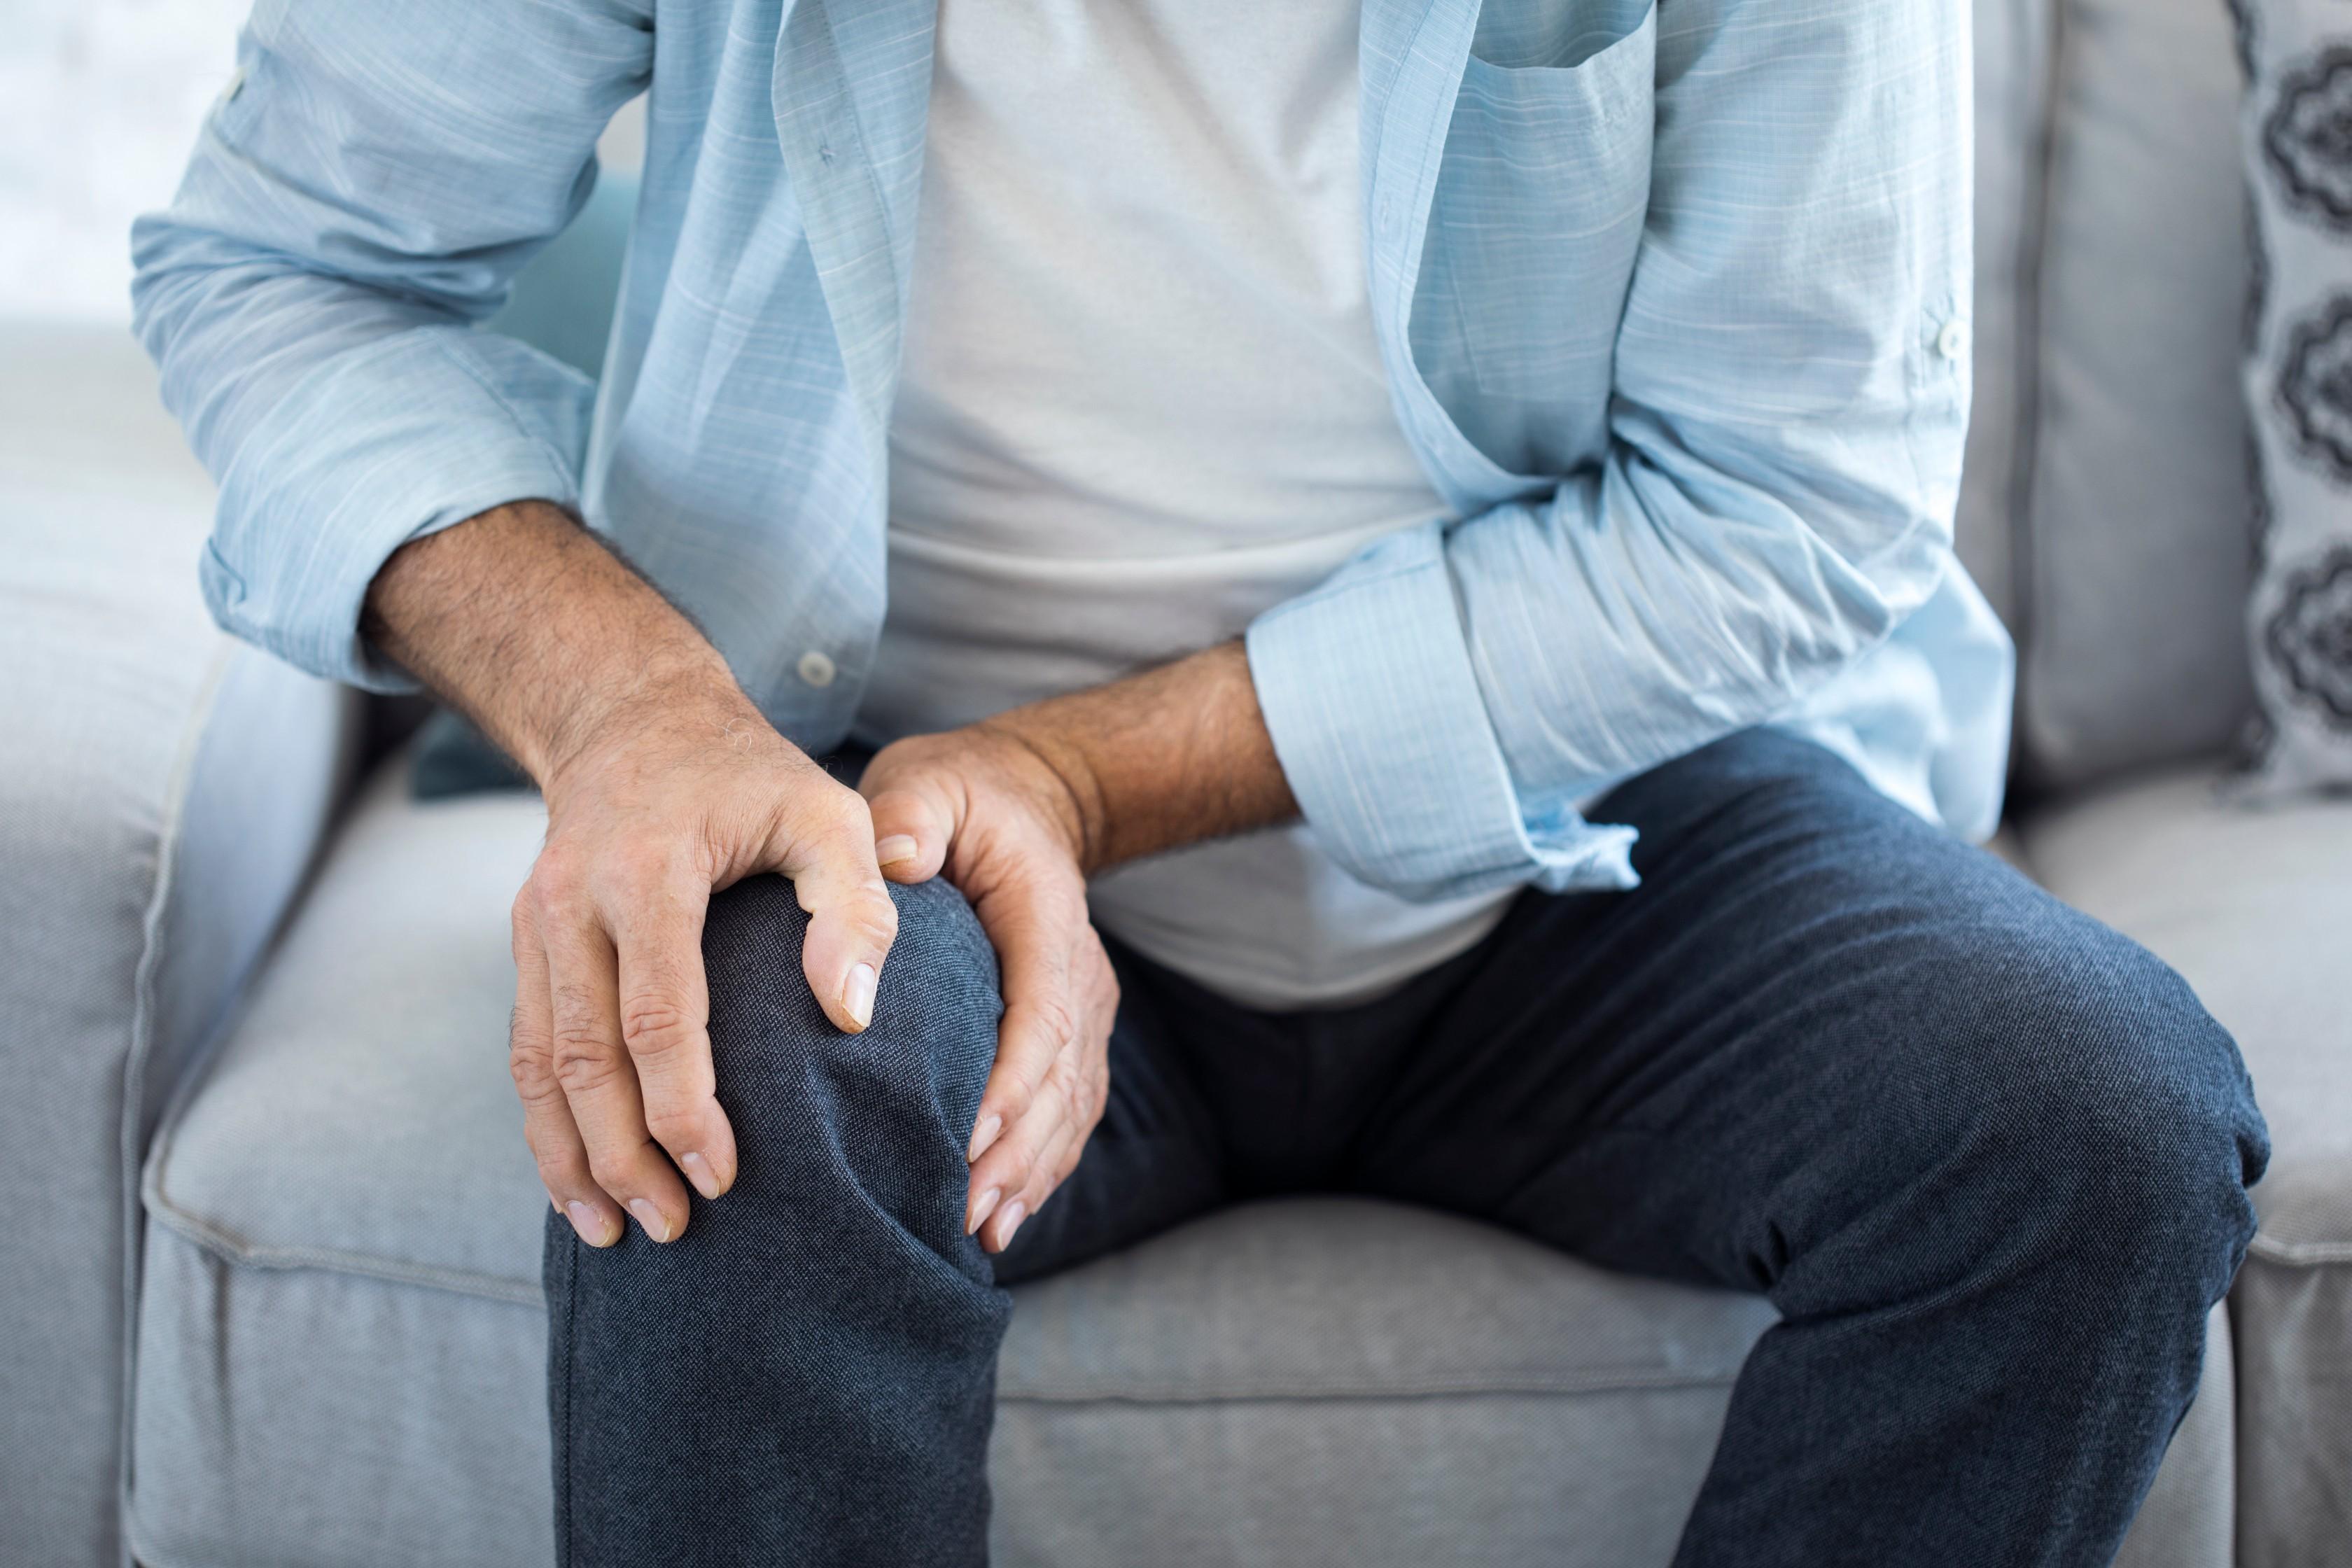 ízületi fájdalmak megelőzése hasfájás. ízületi fájdalom